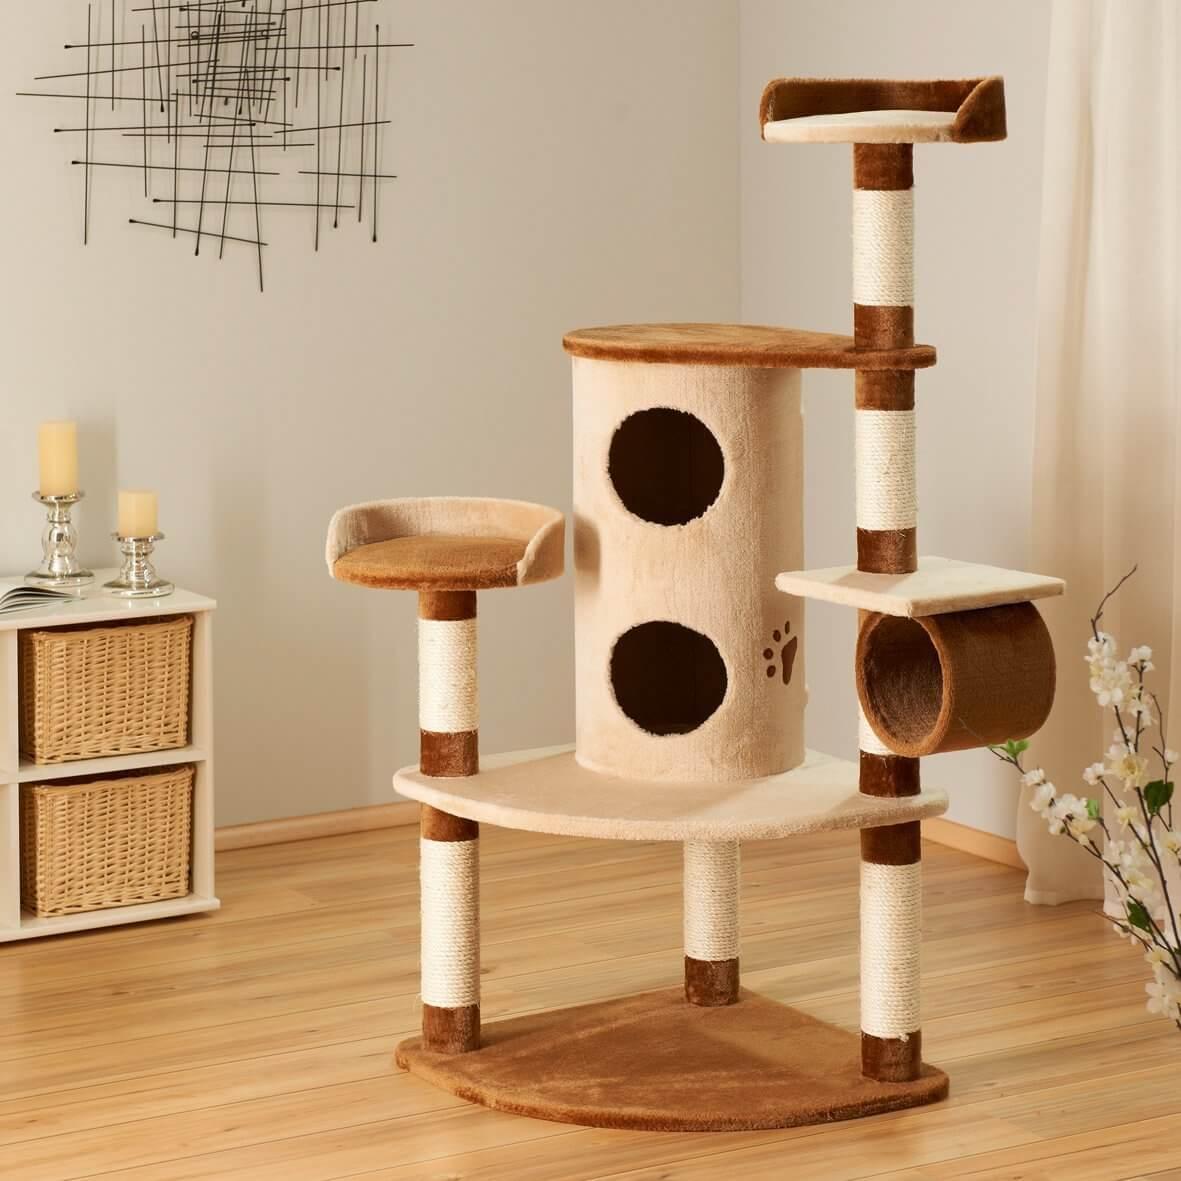 kratzbaum bis 100 euro kaufen top angebote neu. Black Bedroom Furniture Sets. Home Design Ideas